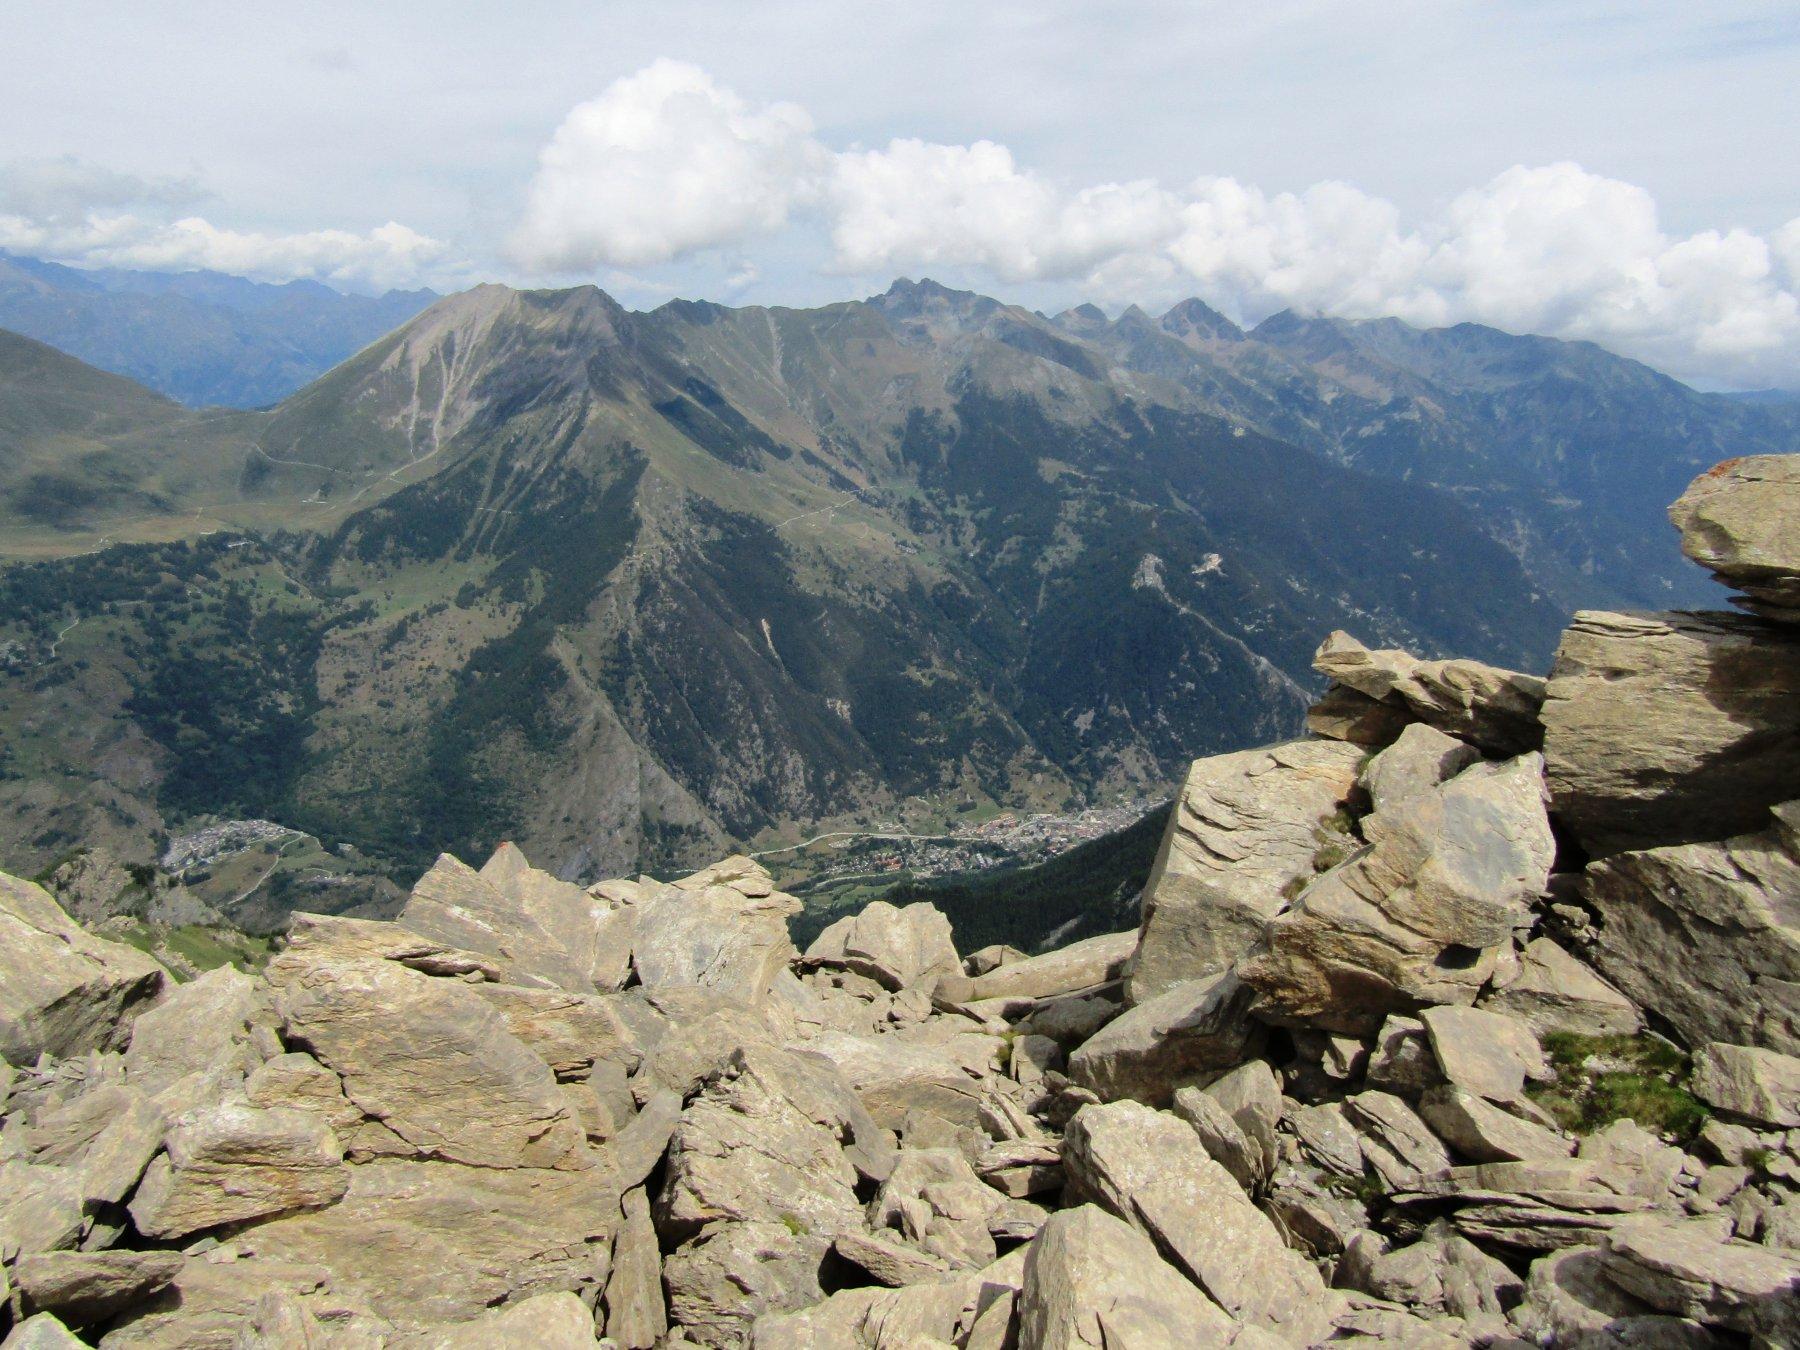 ...e laggiù Fenestrelle e Usseaux sorvegliati dall'alto da Pelvo,Francais Pelouxe e Orsiera